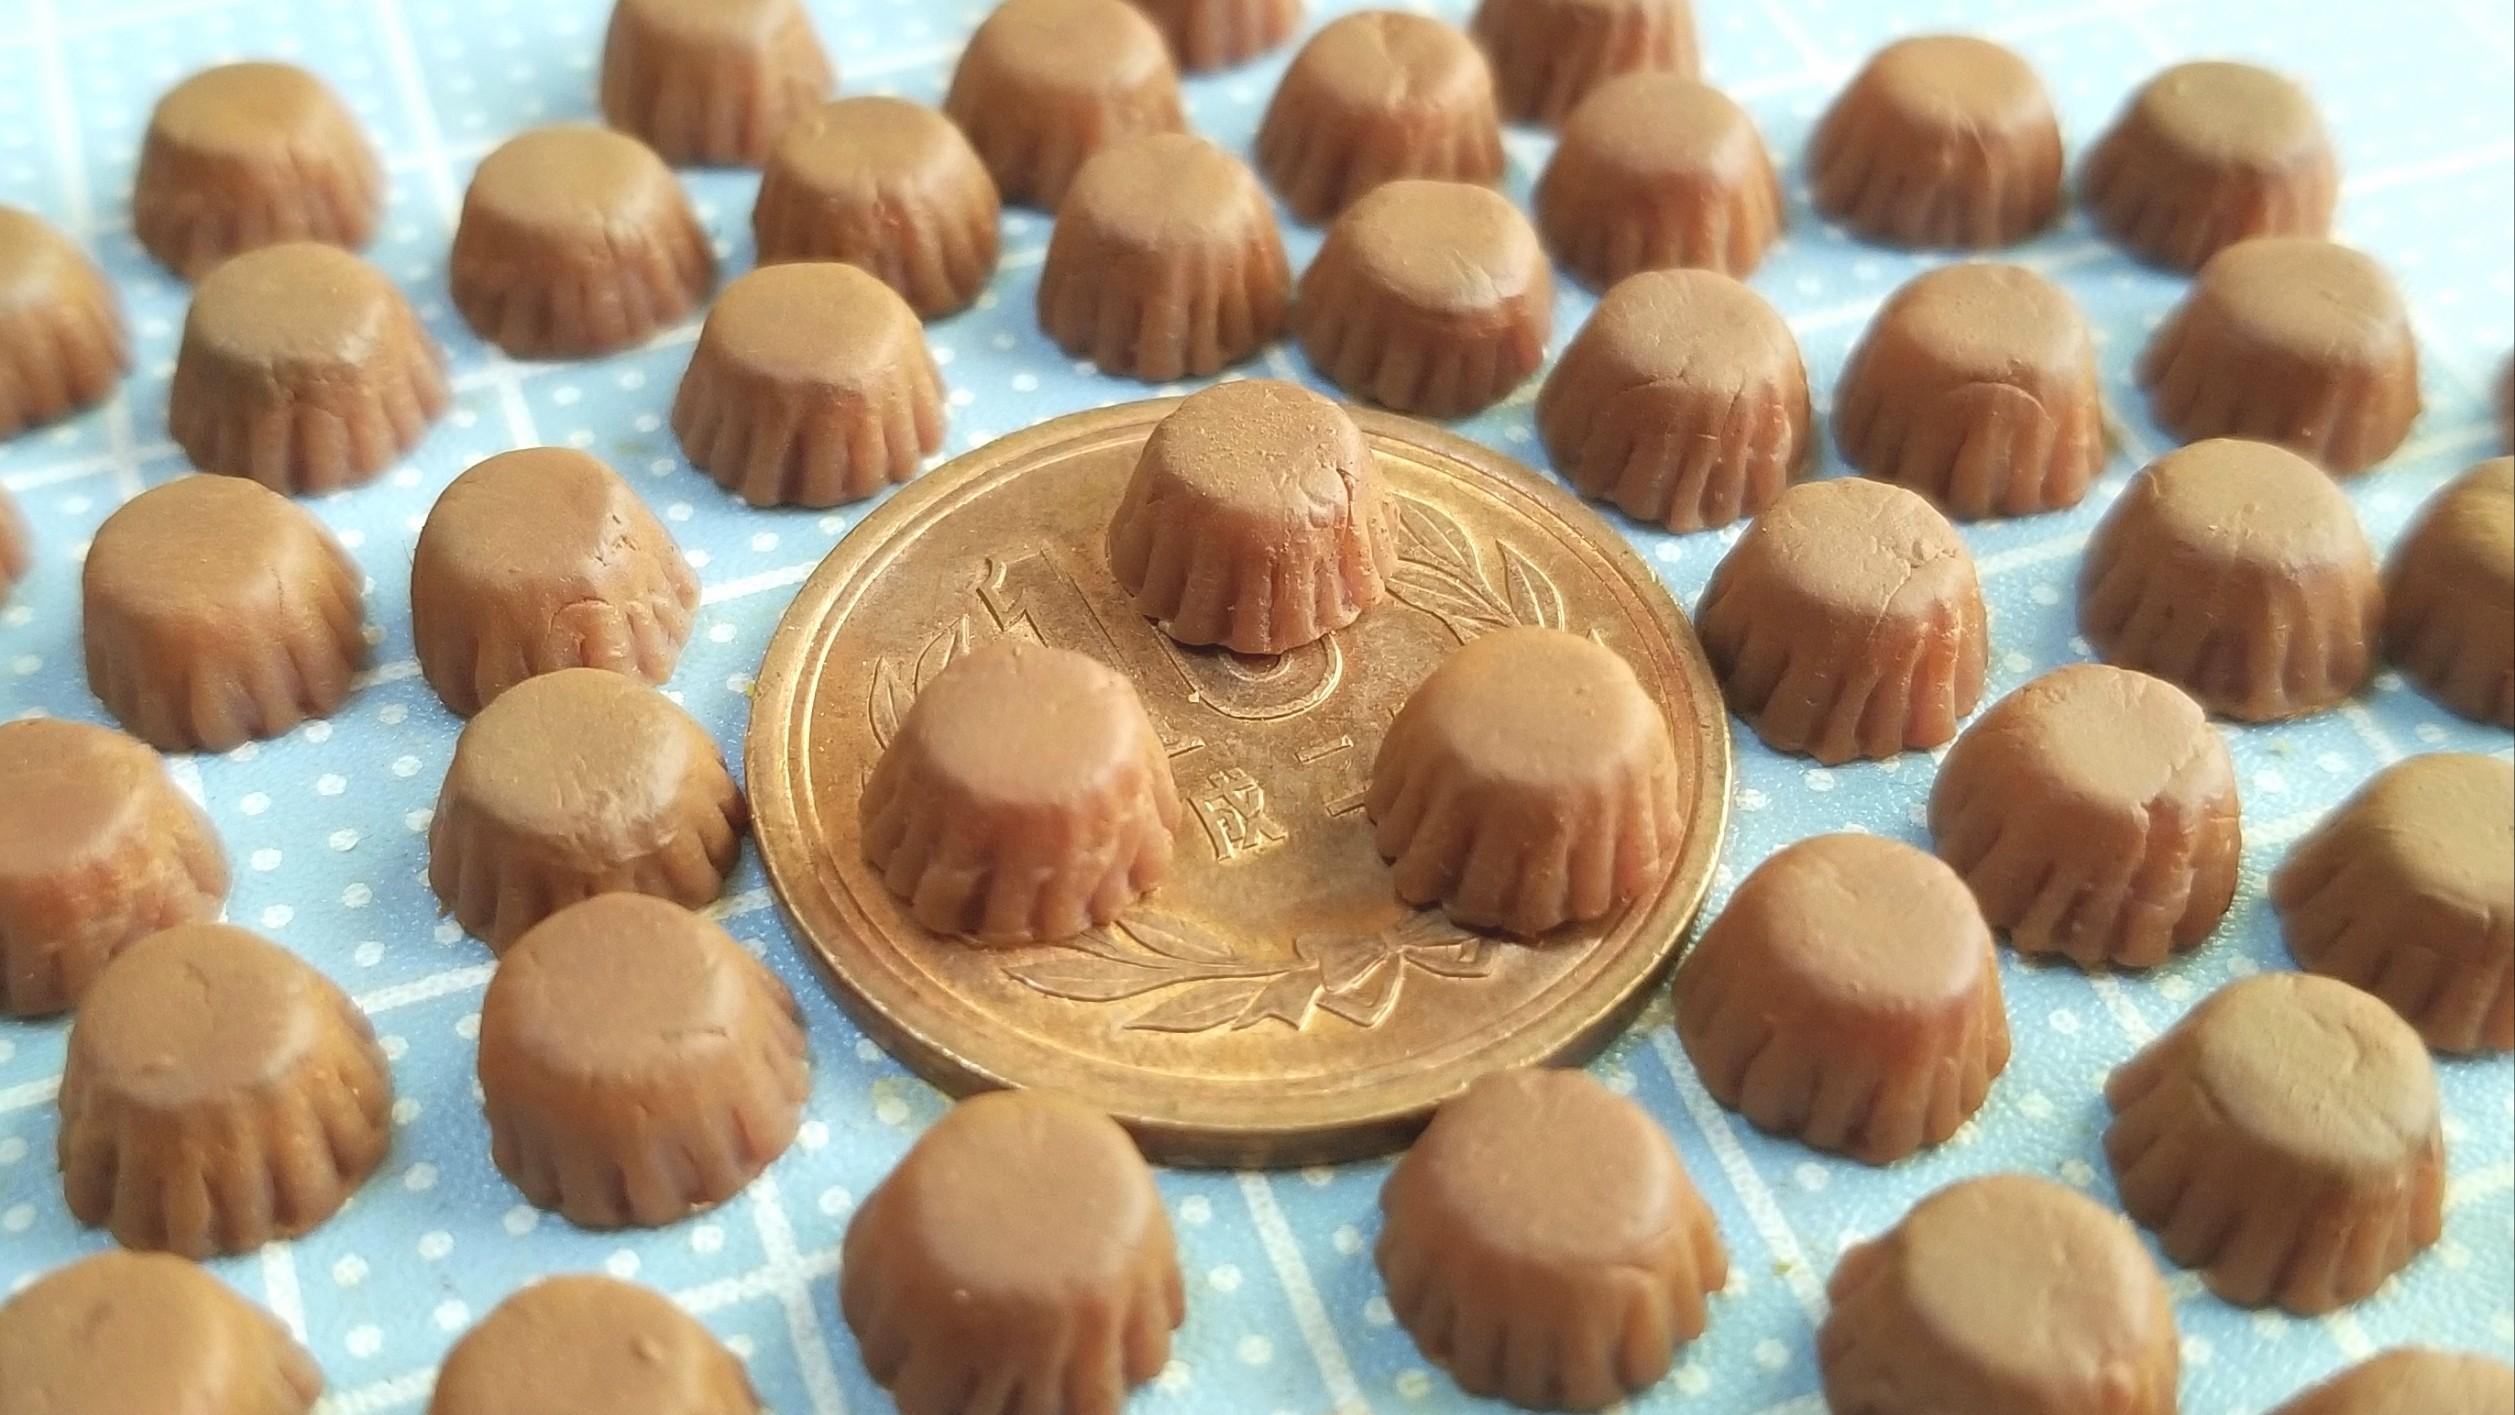 チョコレートカップケーキ,作り方,ミニチュア,食品サンプル,ドール